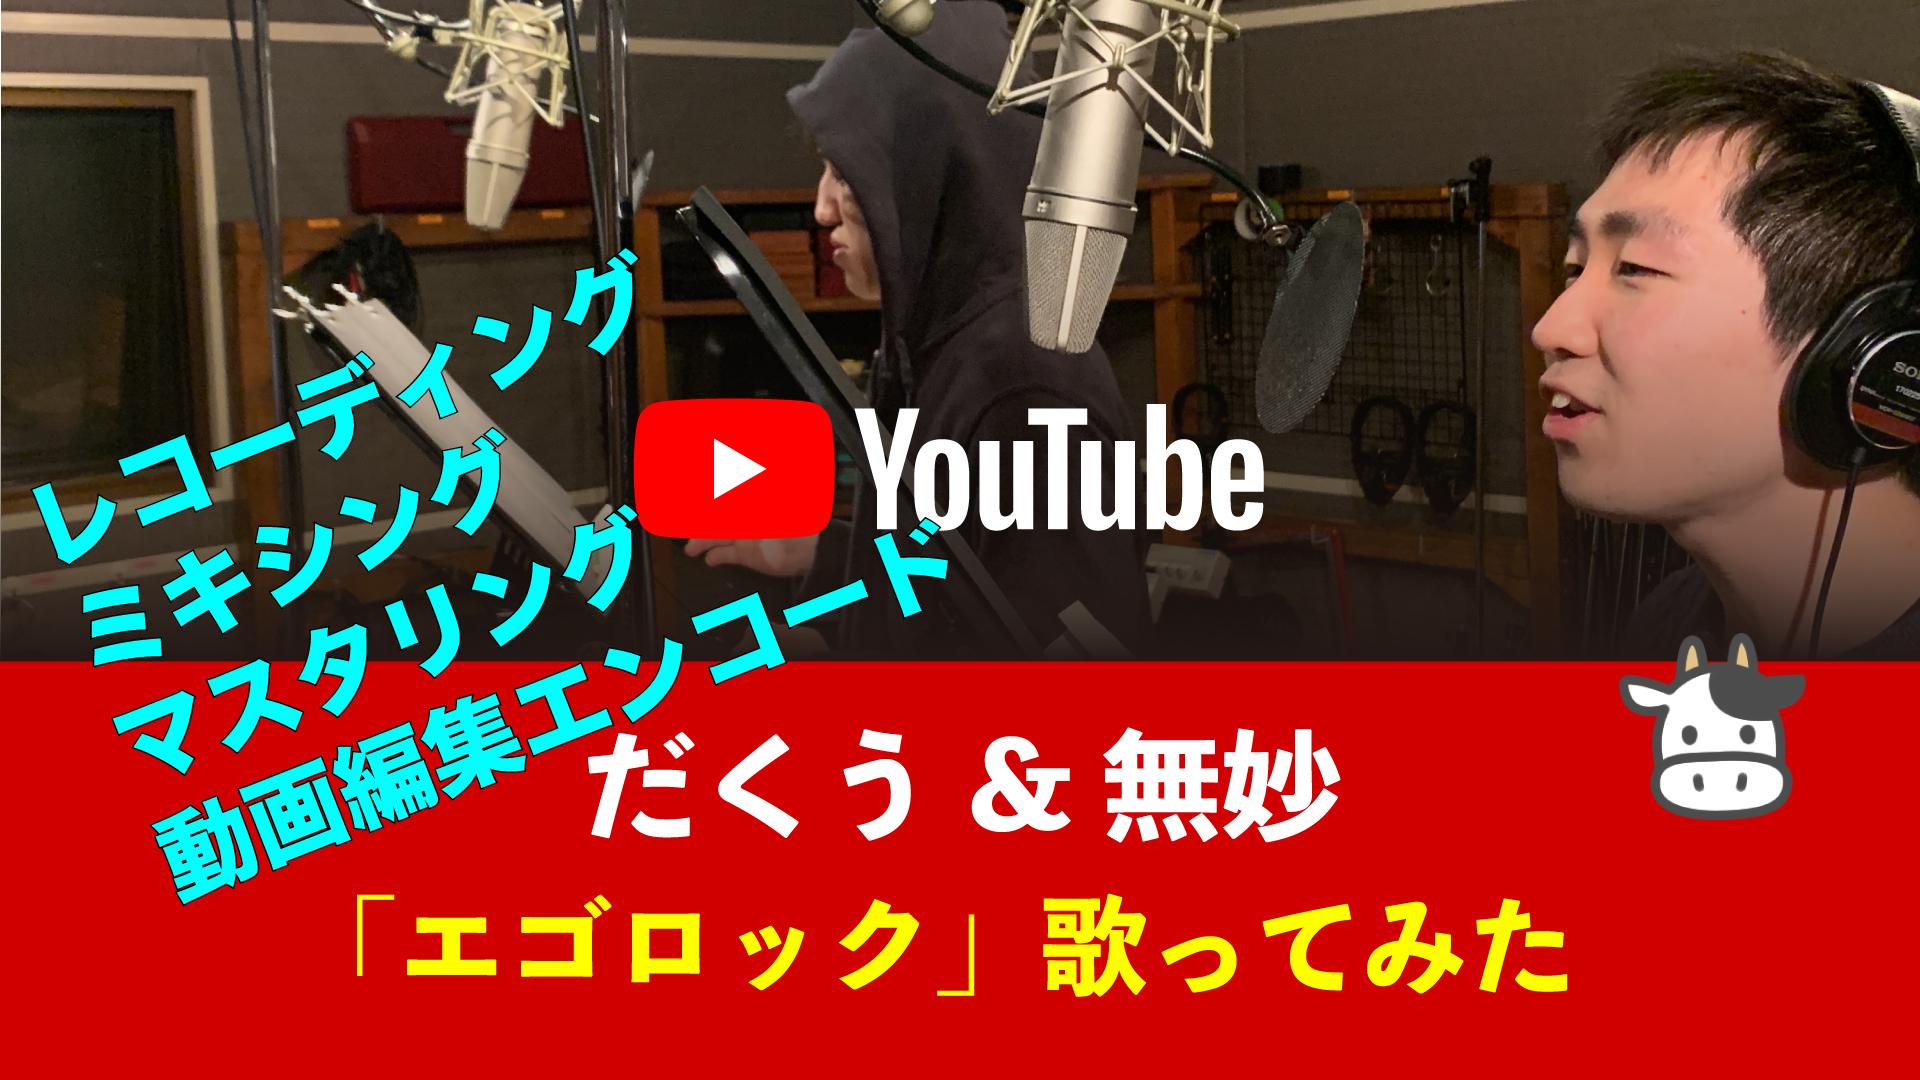 【歌ってみた】録音開始から4時間でYouTube公開【アマチュアも歓迎】エゴロック